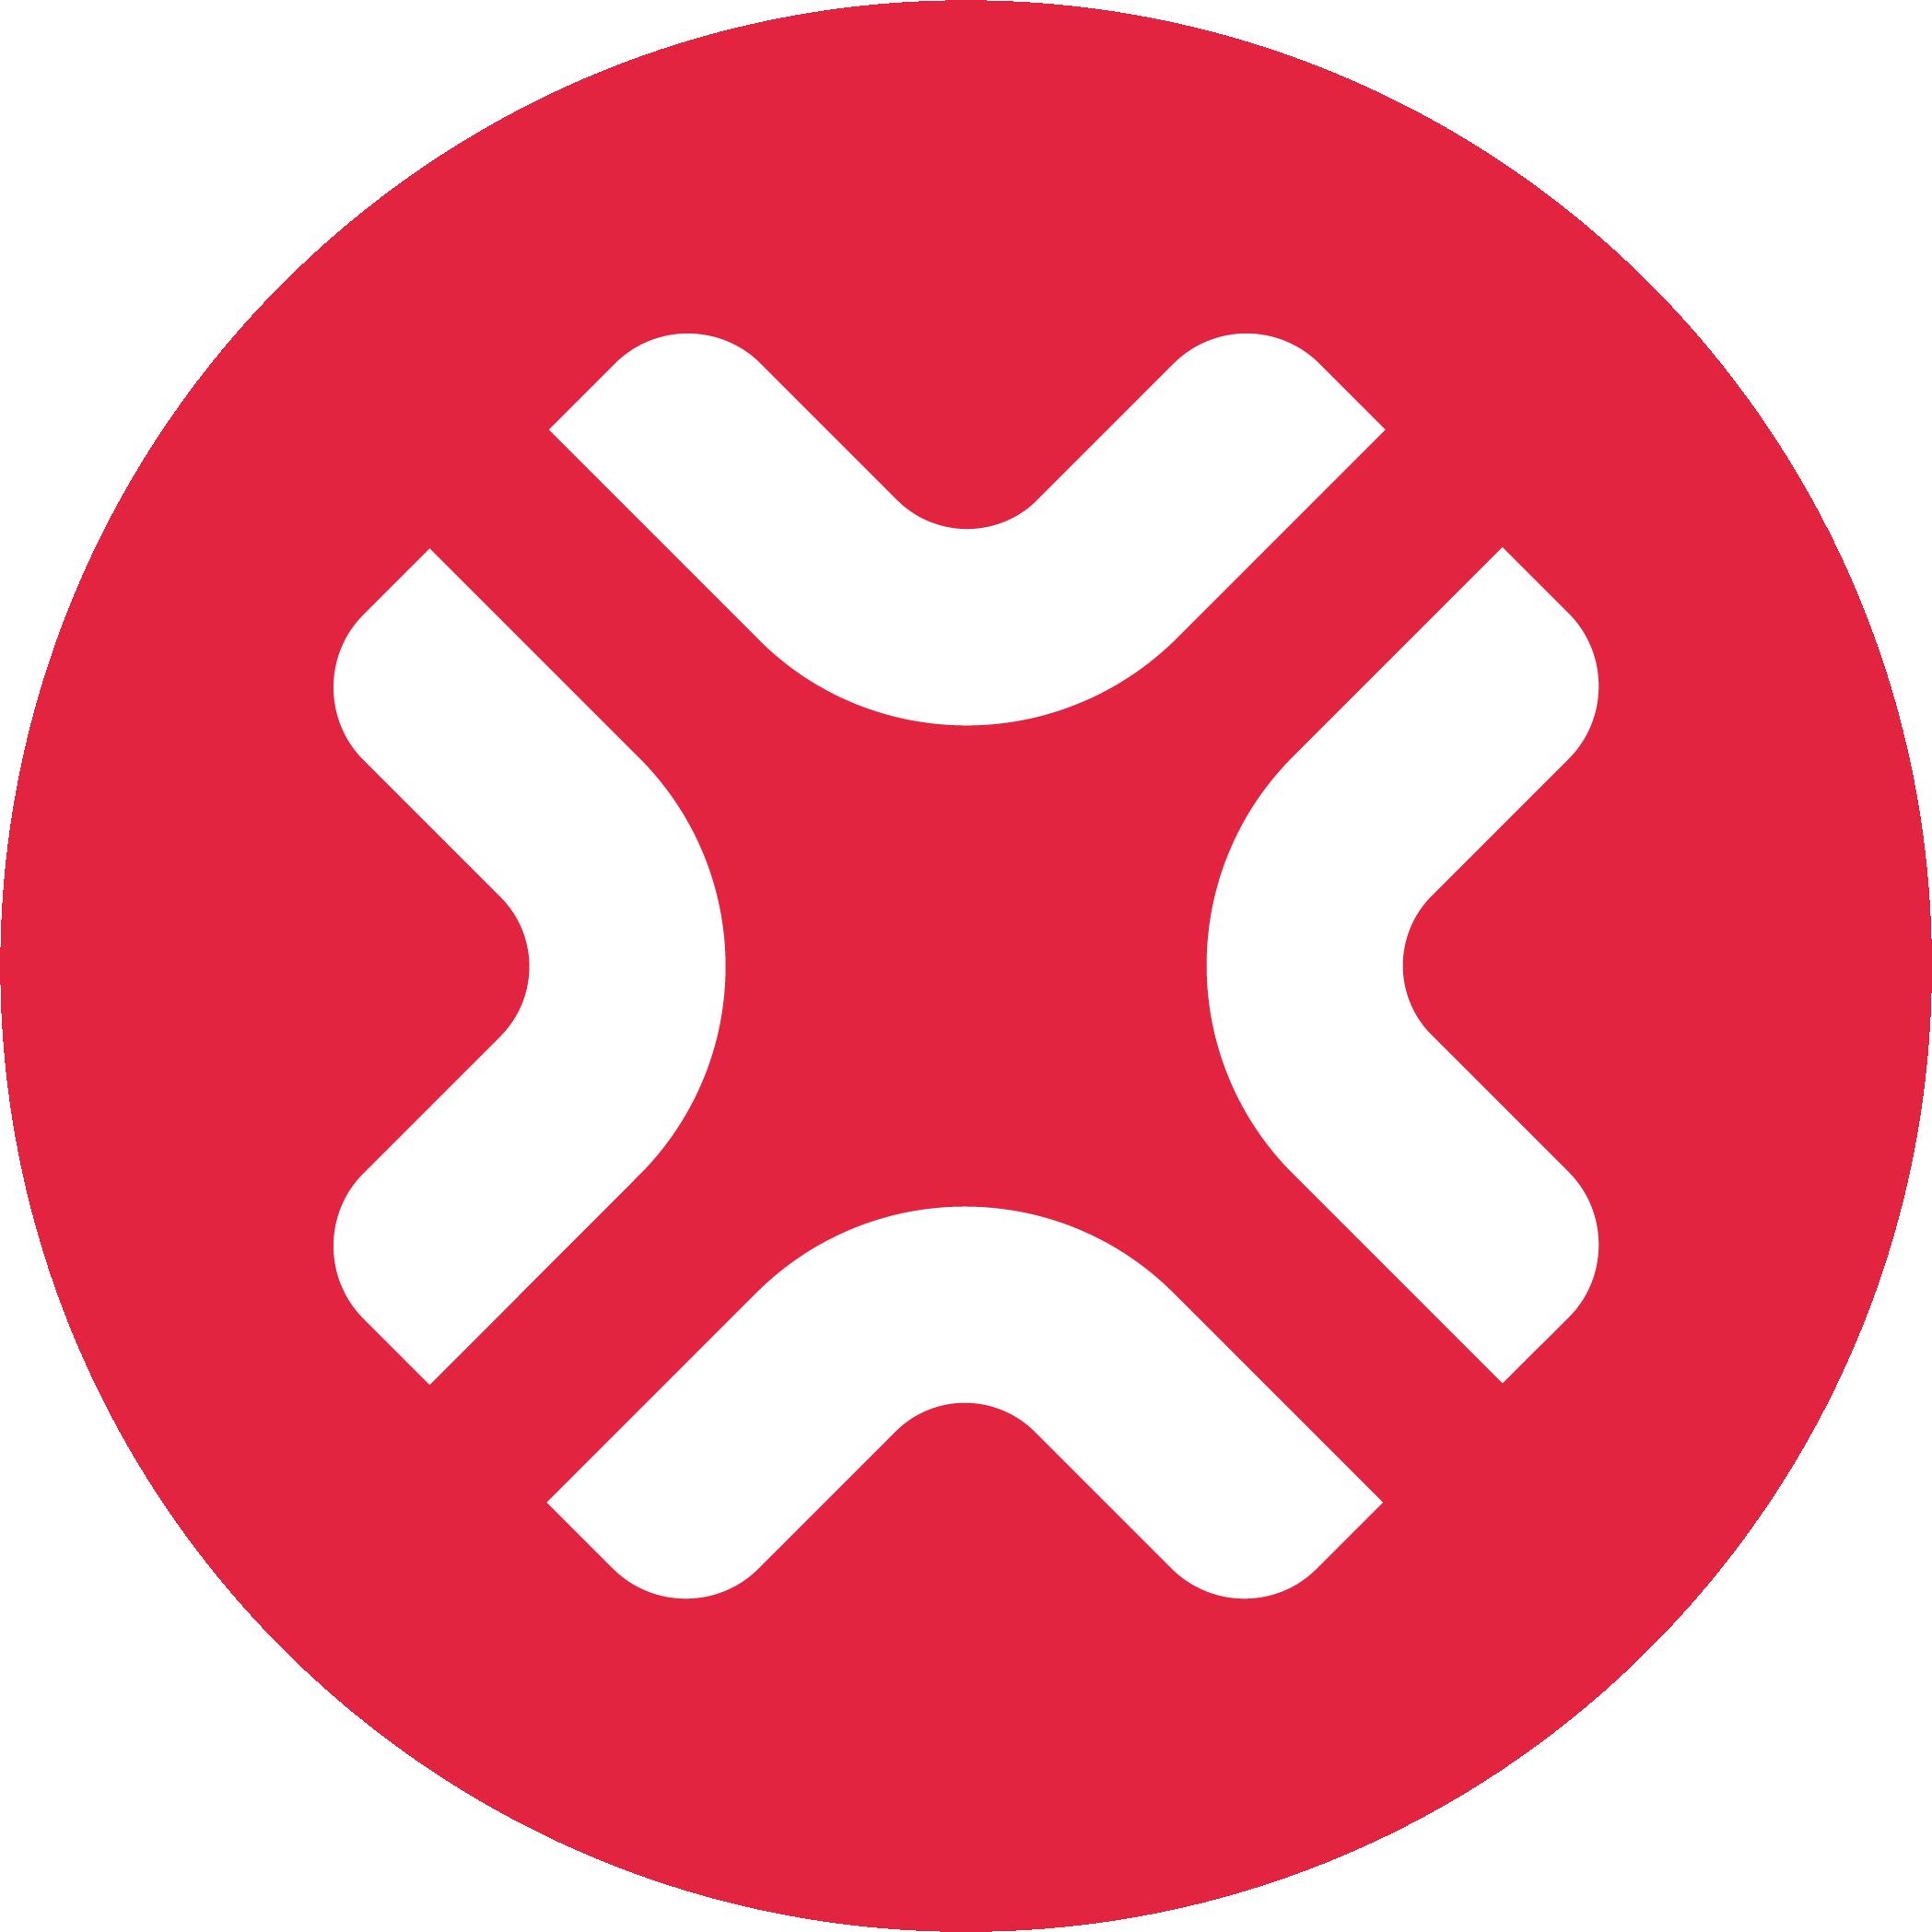 XP NETWORK XPNET icon symbol